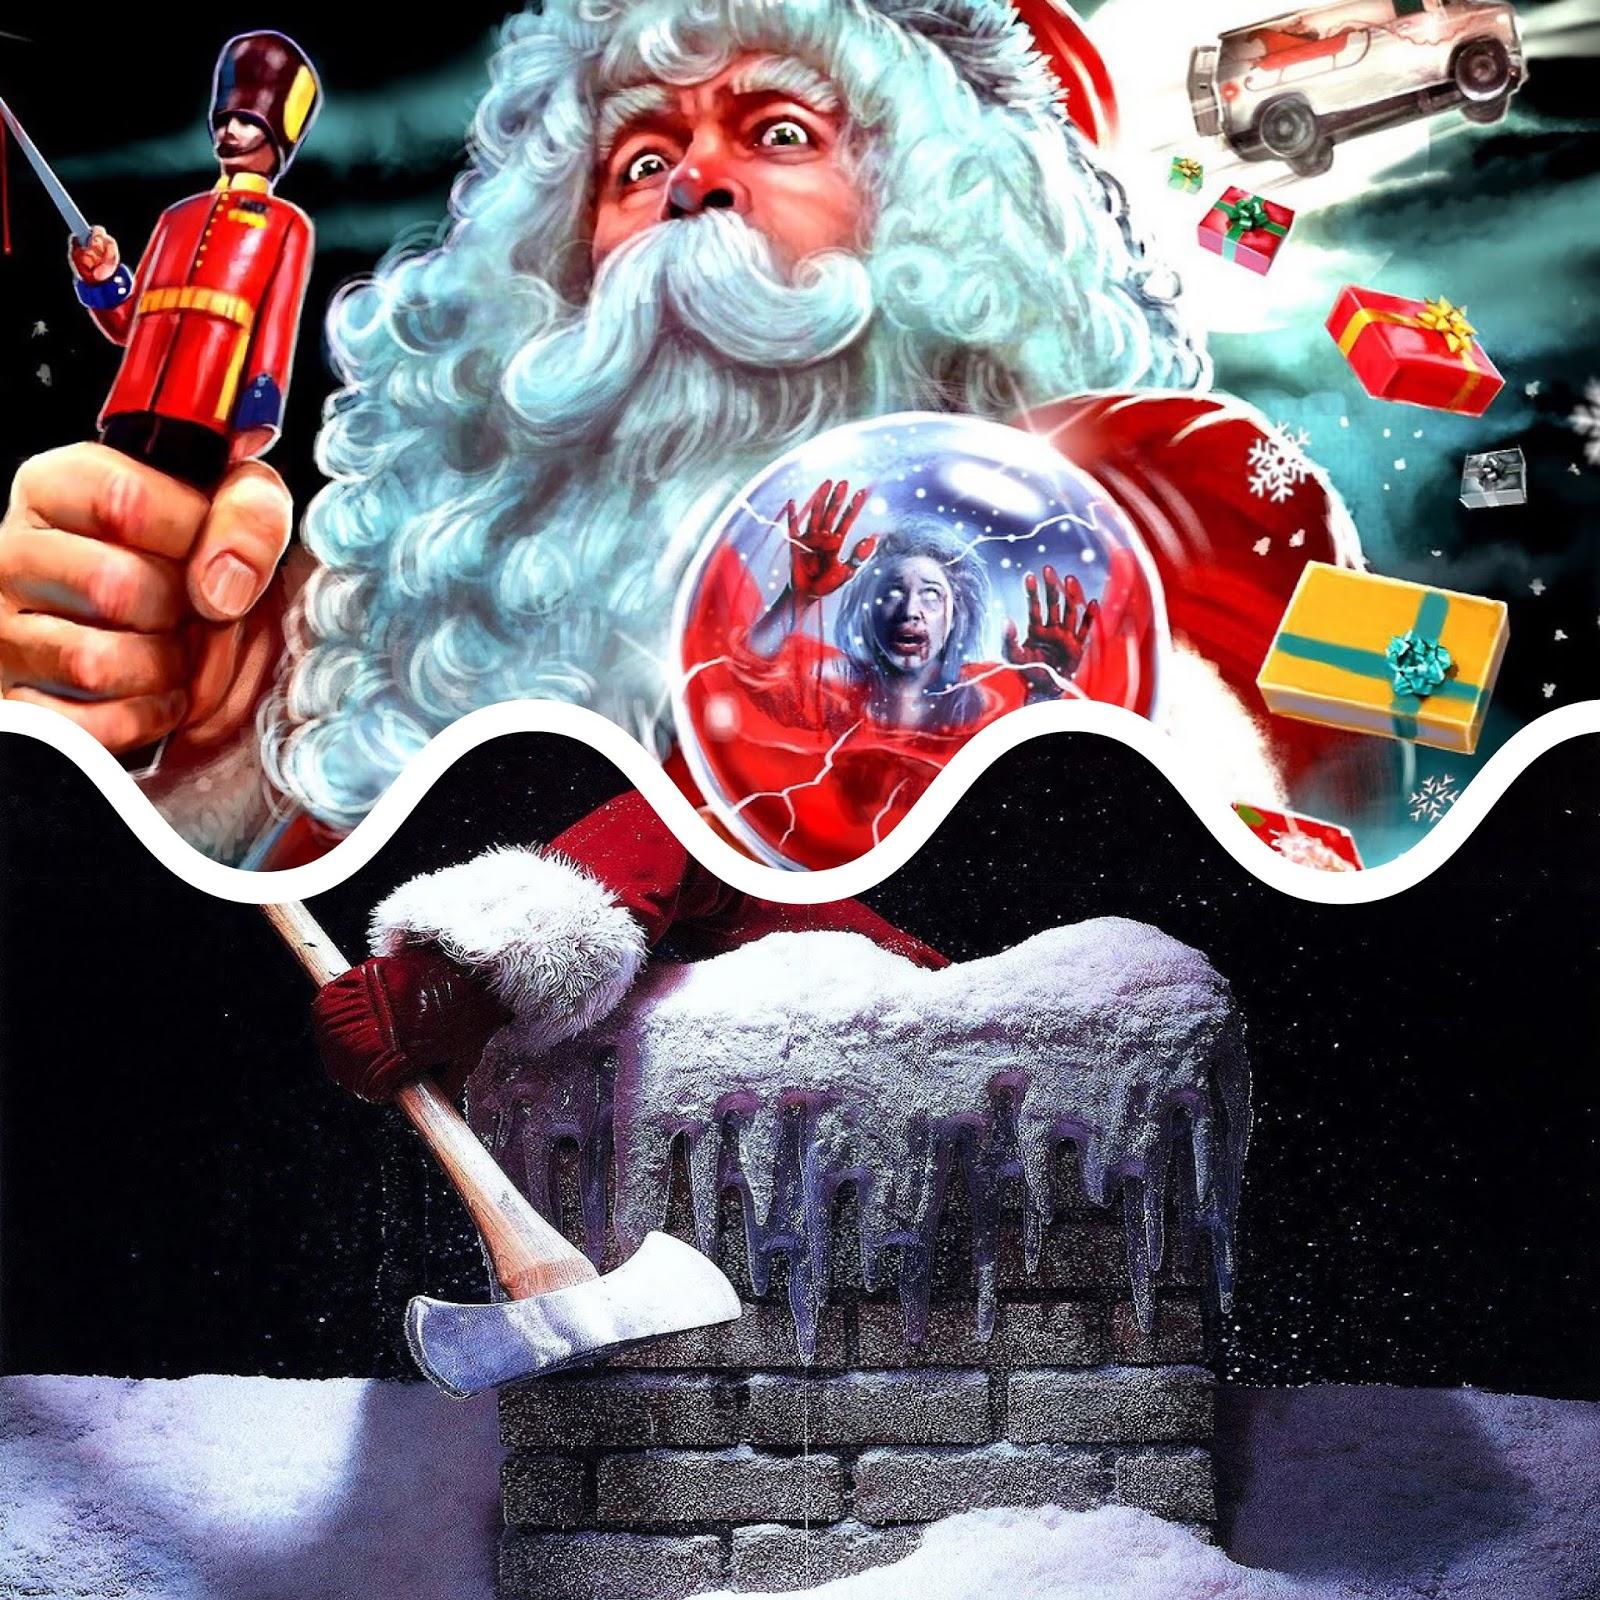 Christmas Evil 1980.Sinister Pairings Christmas Evil 1980 Silent Night